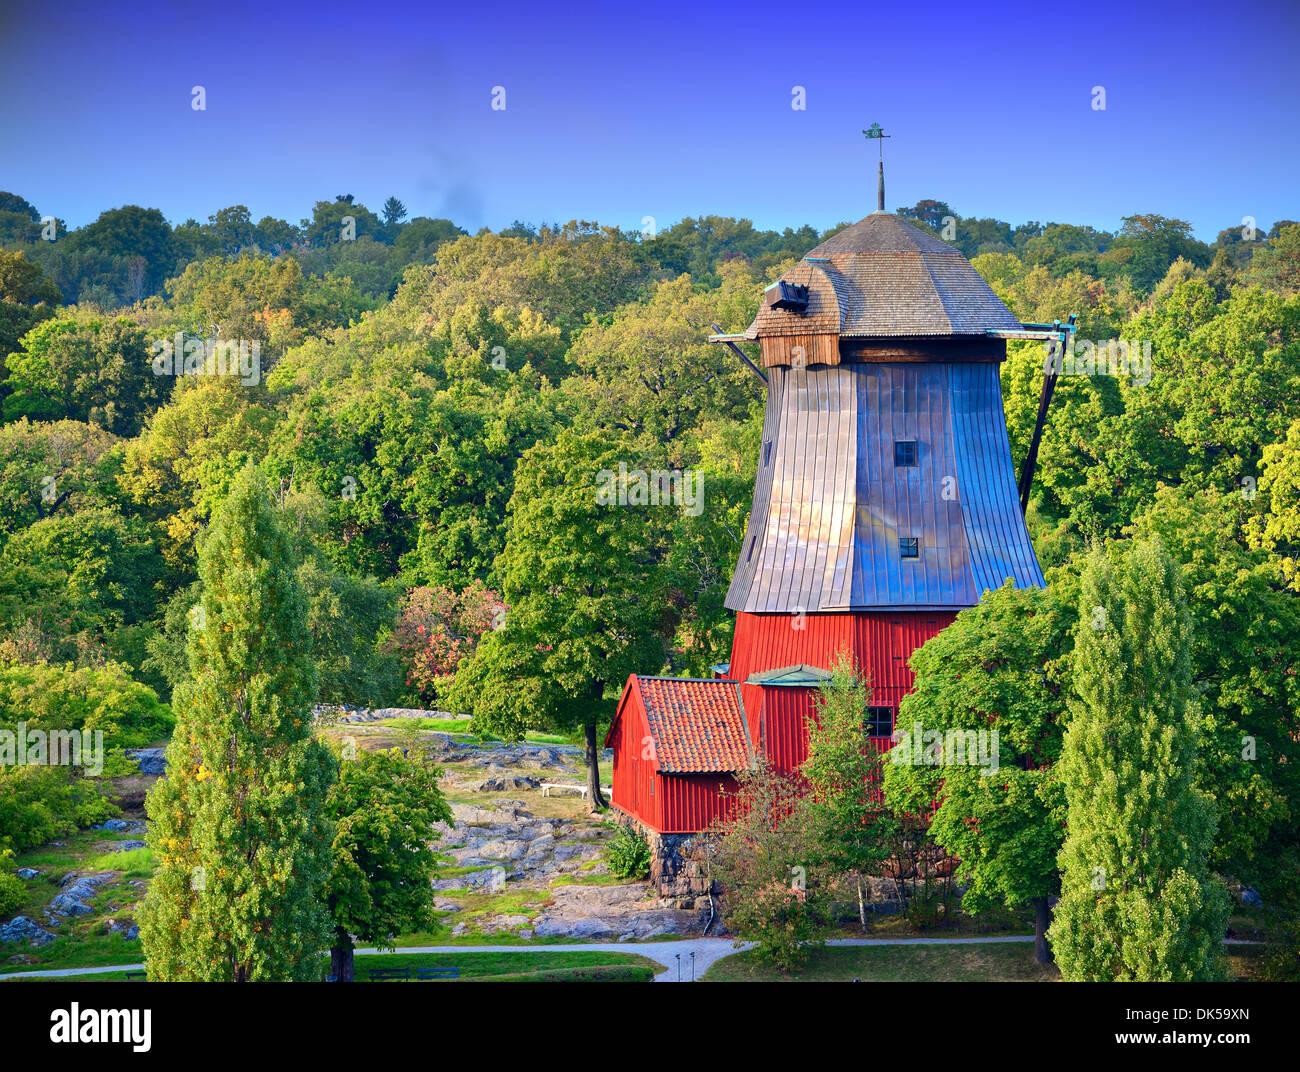 Vecchia fattoria a Helsinki in Finlandia. Immagini Stock